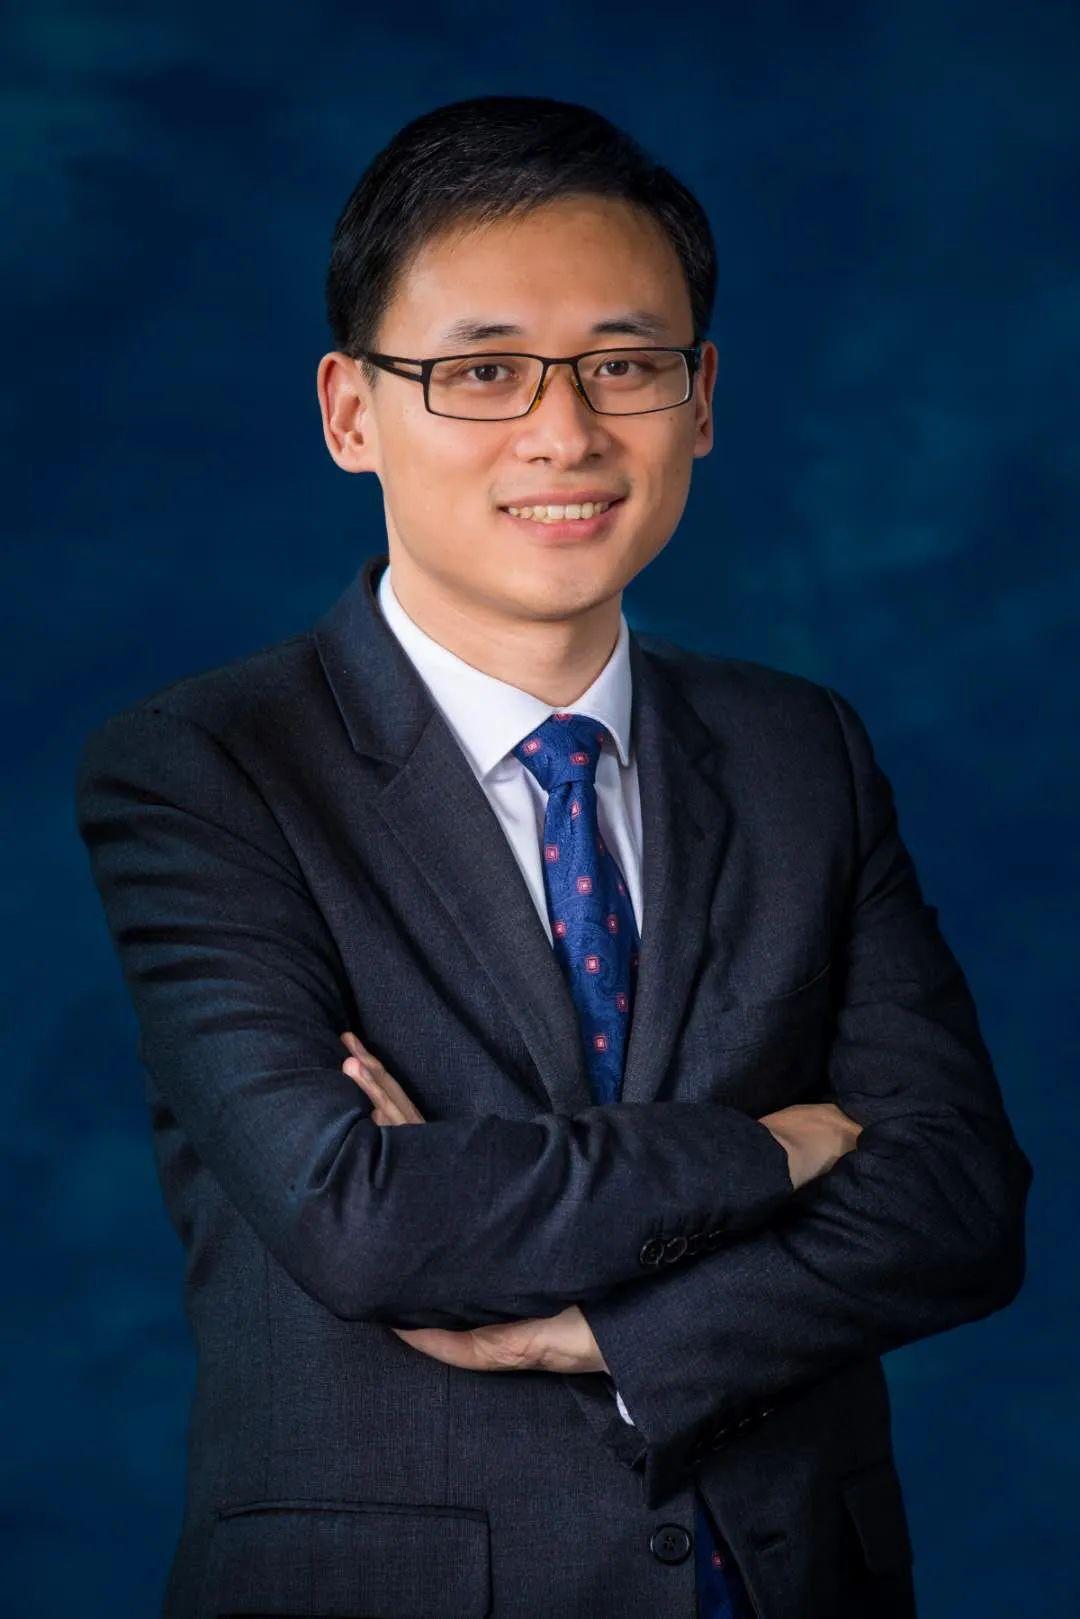 惠理投资中国总裁余小波:A股吸引力不断加大 这一领域水深鱼多